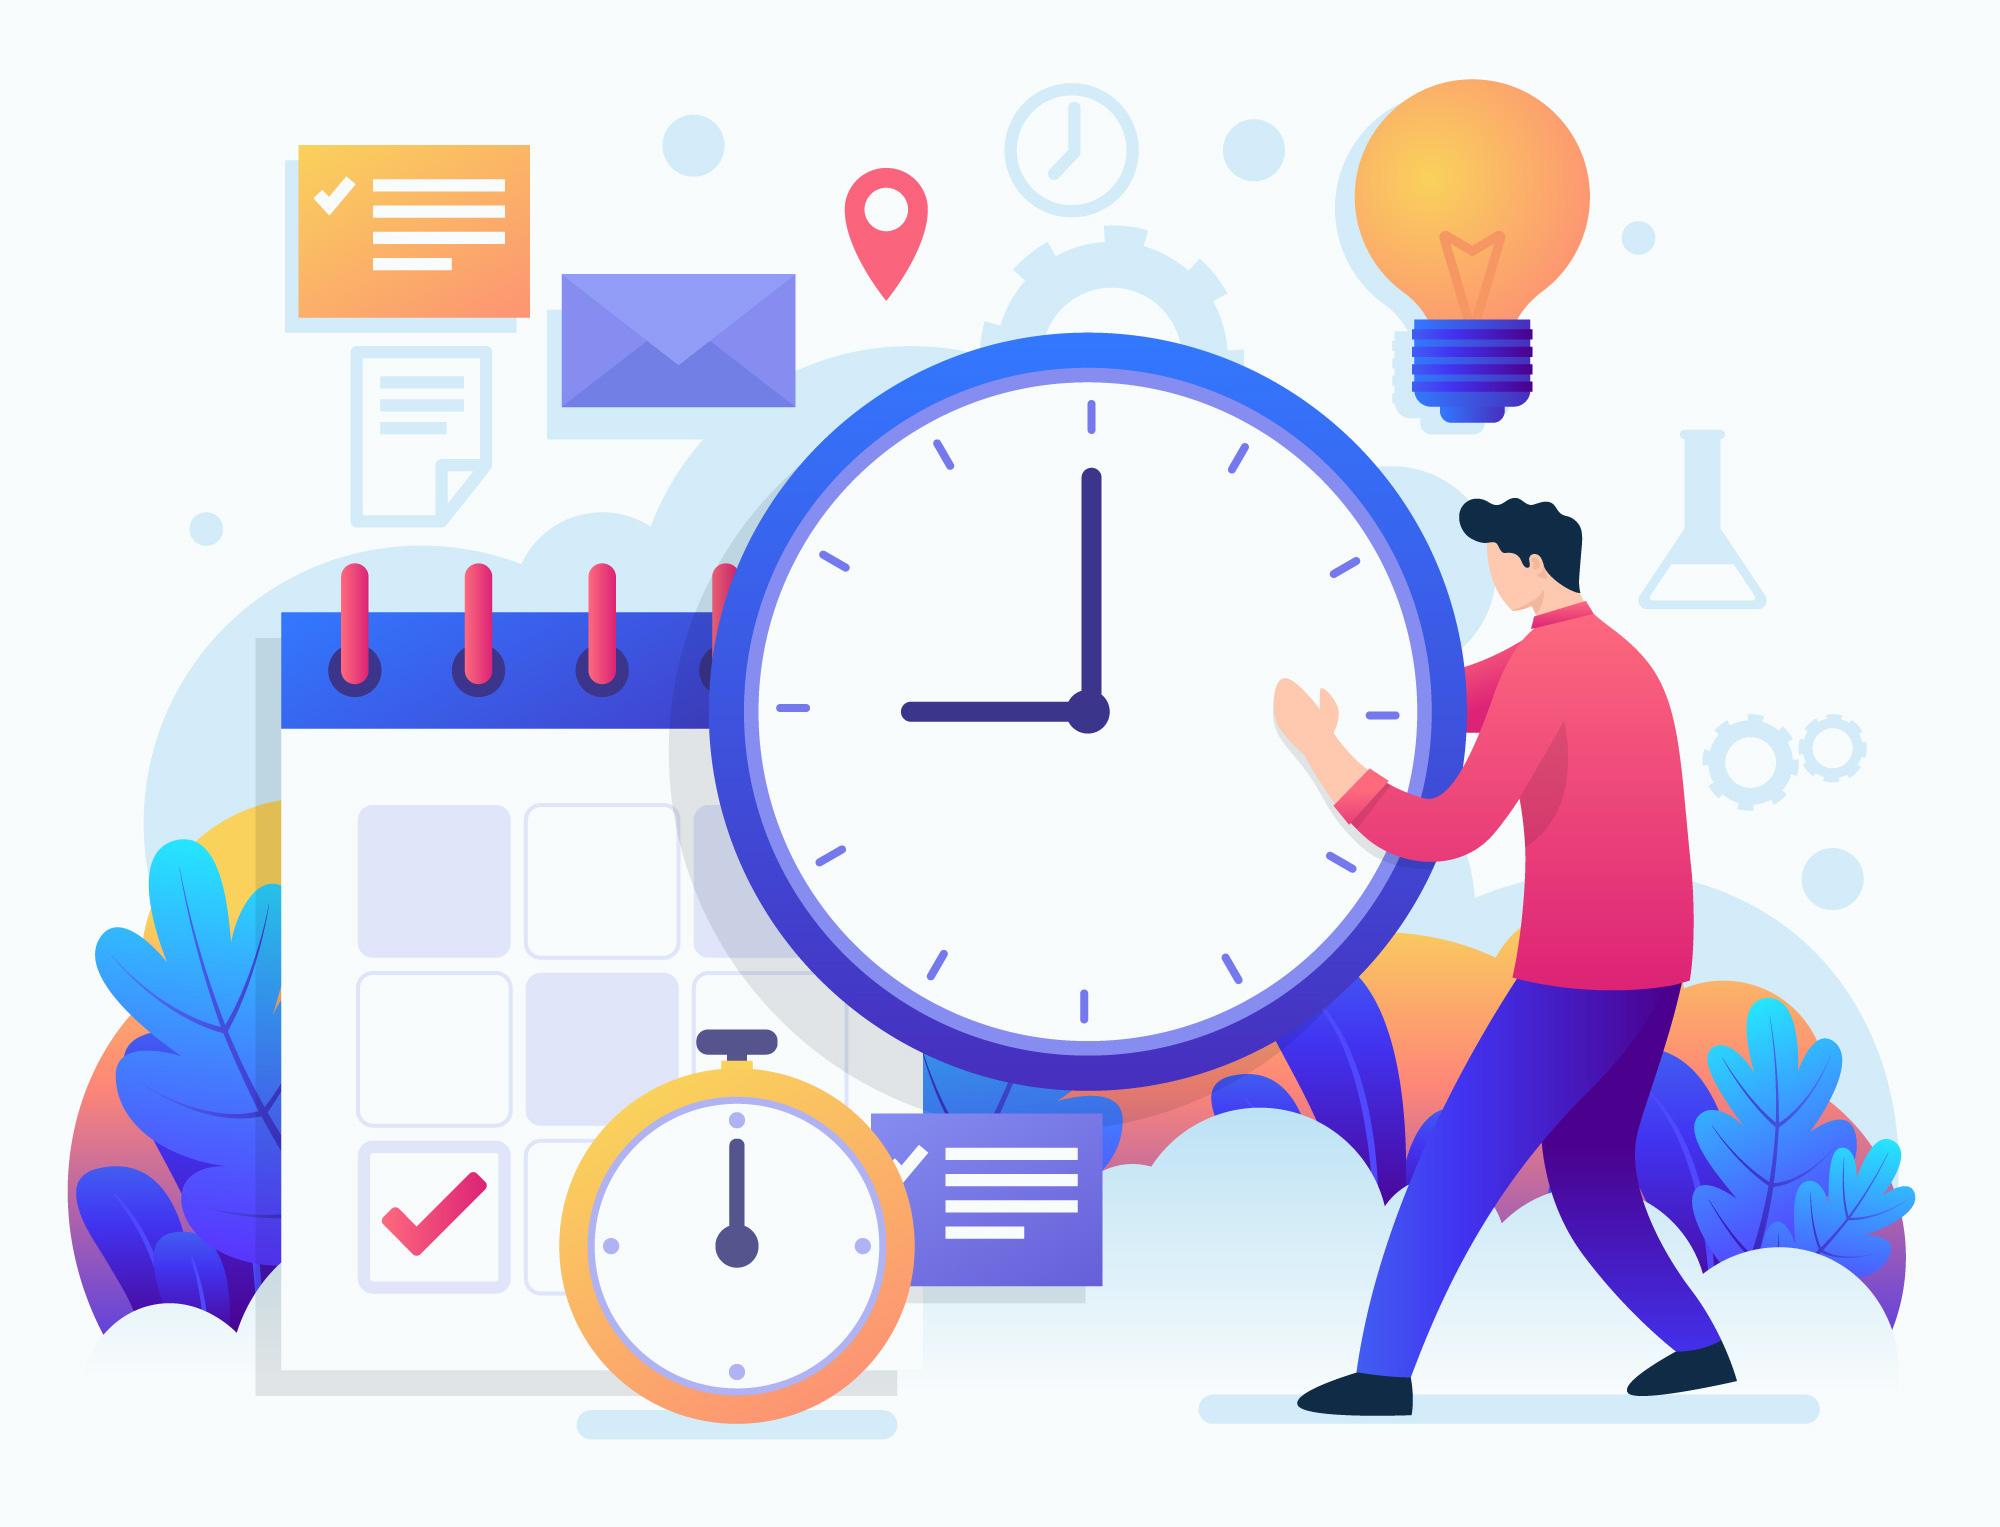 営業における目標管理と行動管理はどのように行う?